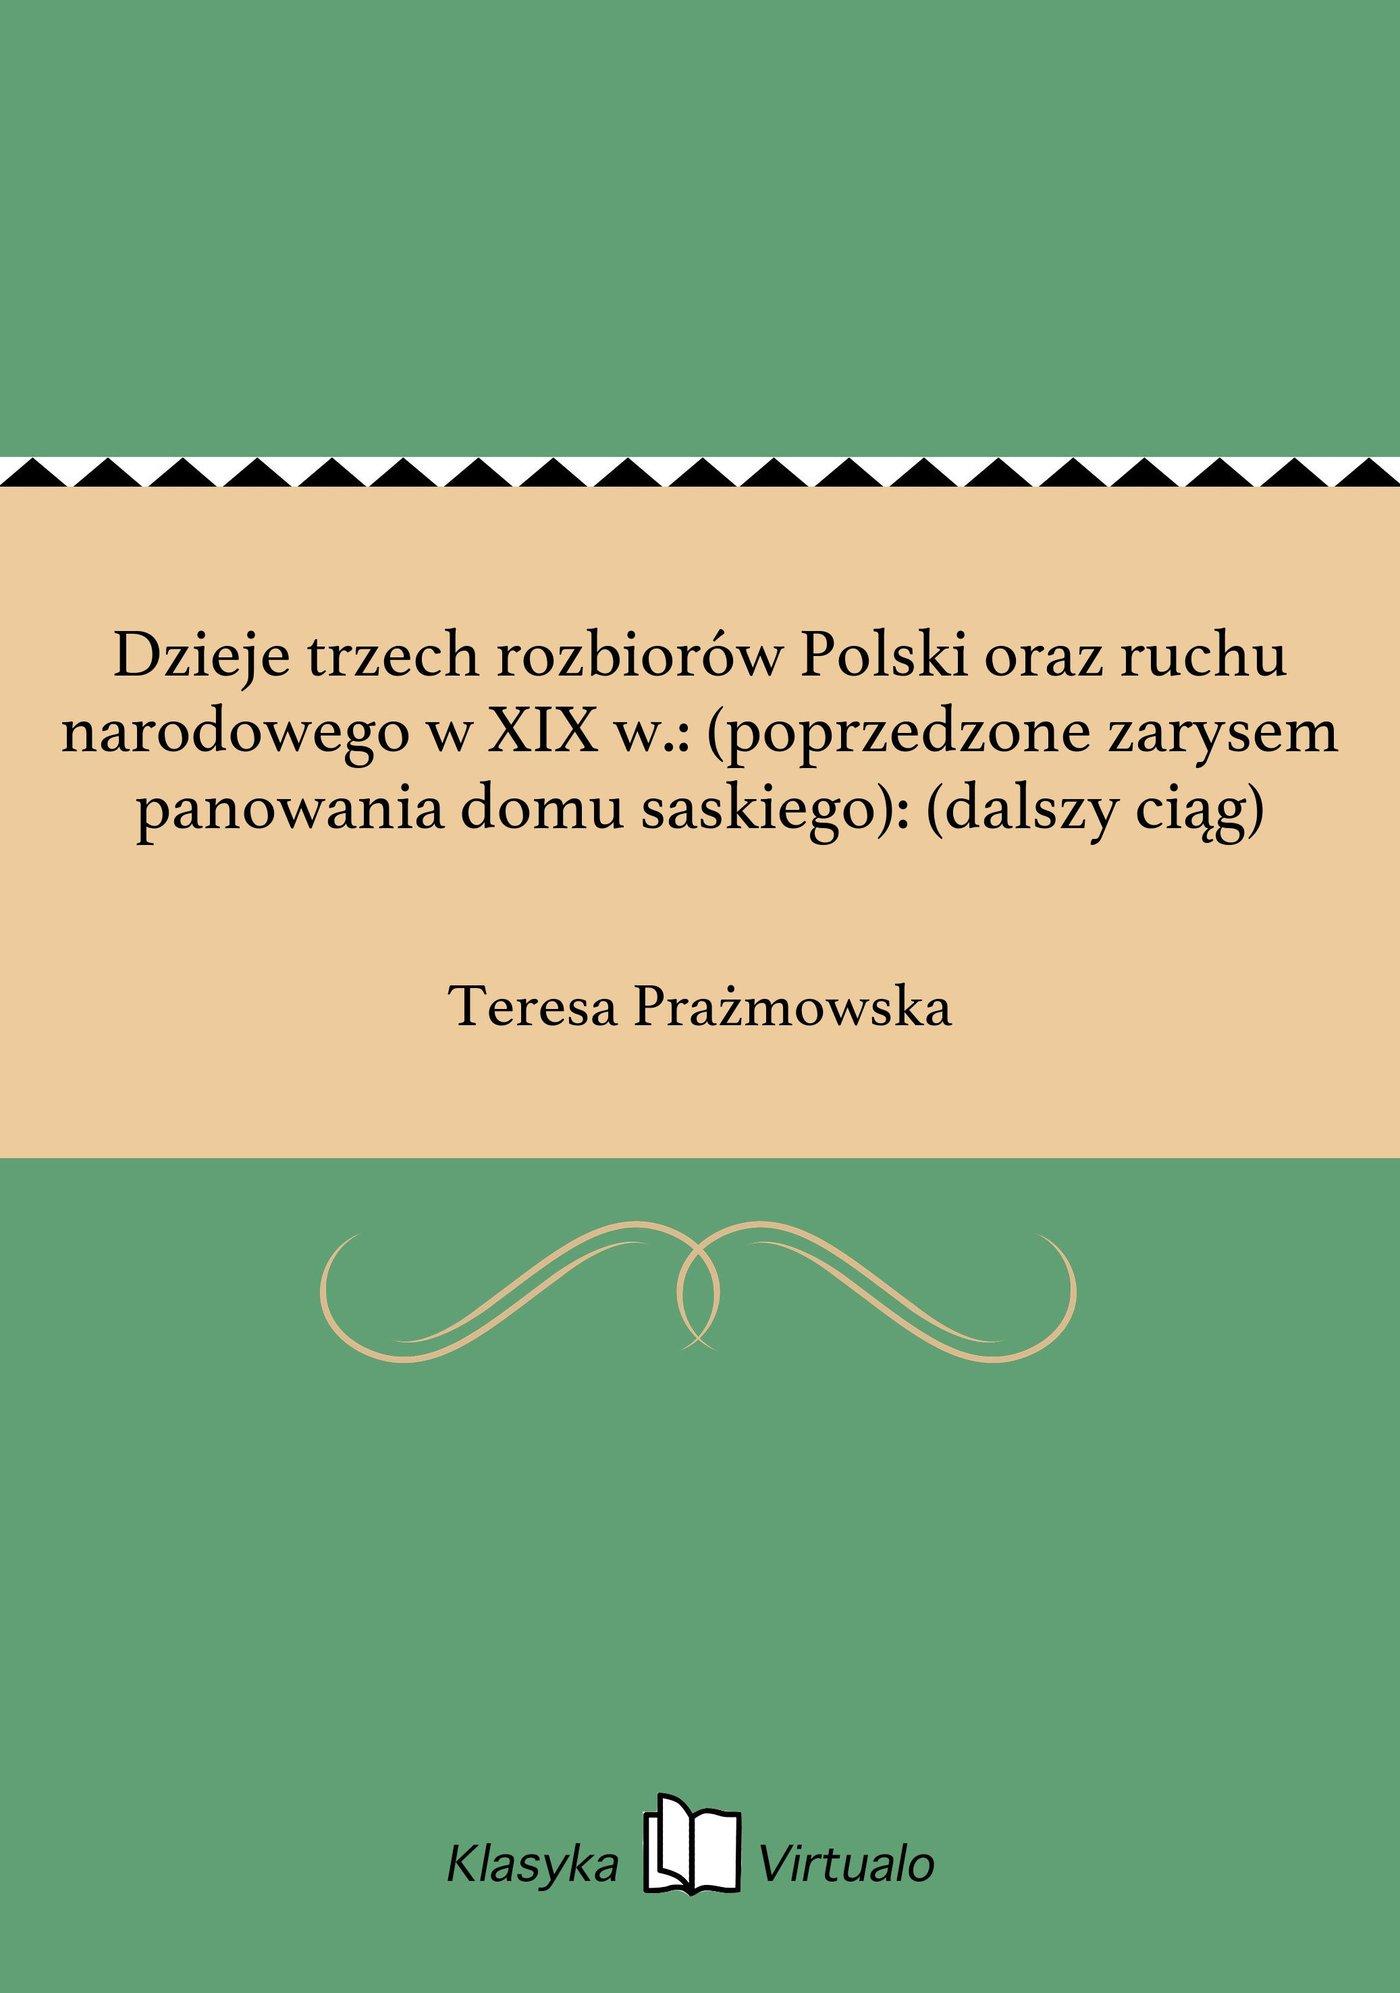 Dzieje trzech rozbiorów Polski oraz ruchu narodowego w XIX w.: (poprzedzone zarysem panowania domu saskiego): (dalszy ciąg) - Ebook (Książka na Kindle) do pobrania w formacie MOBI